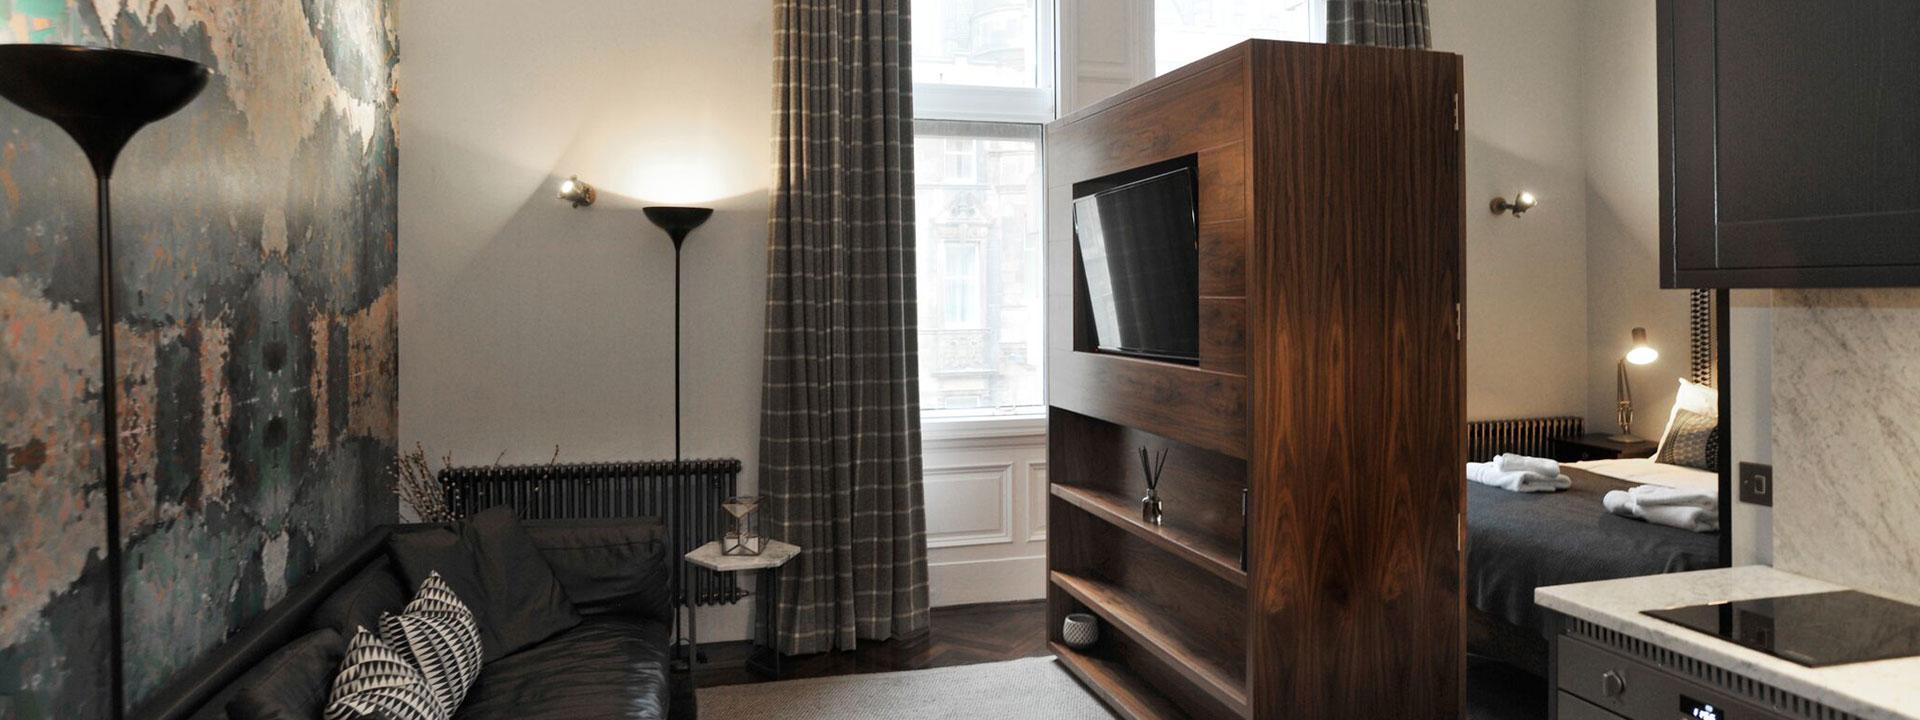 Edinburgh-Apartments-Linton-Collection